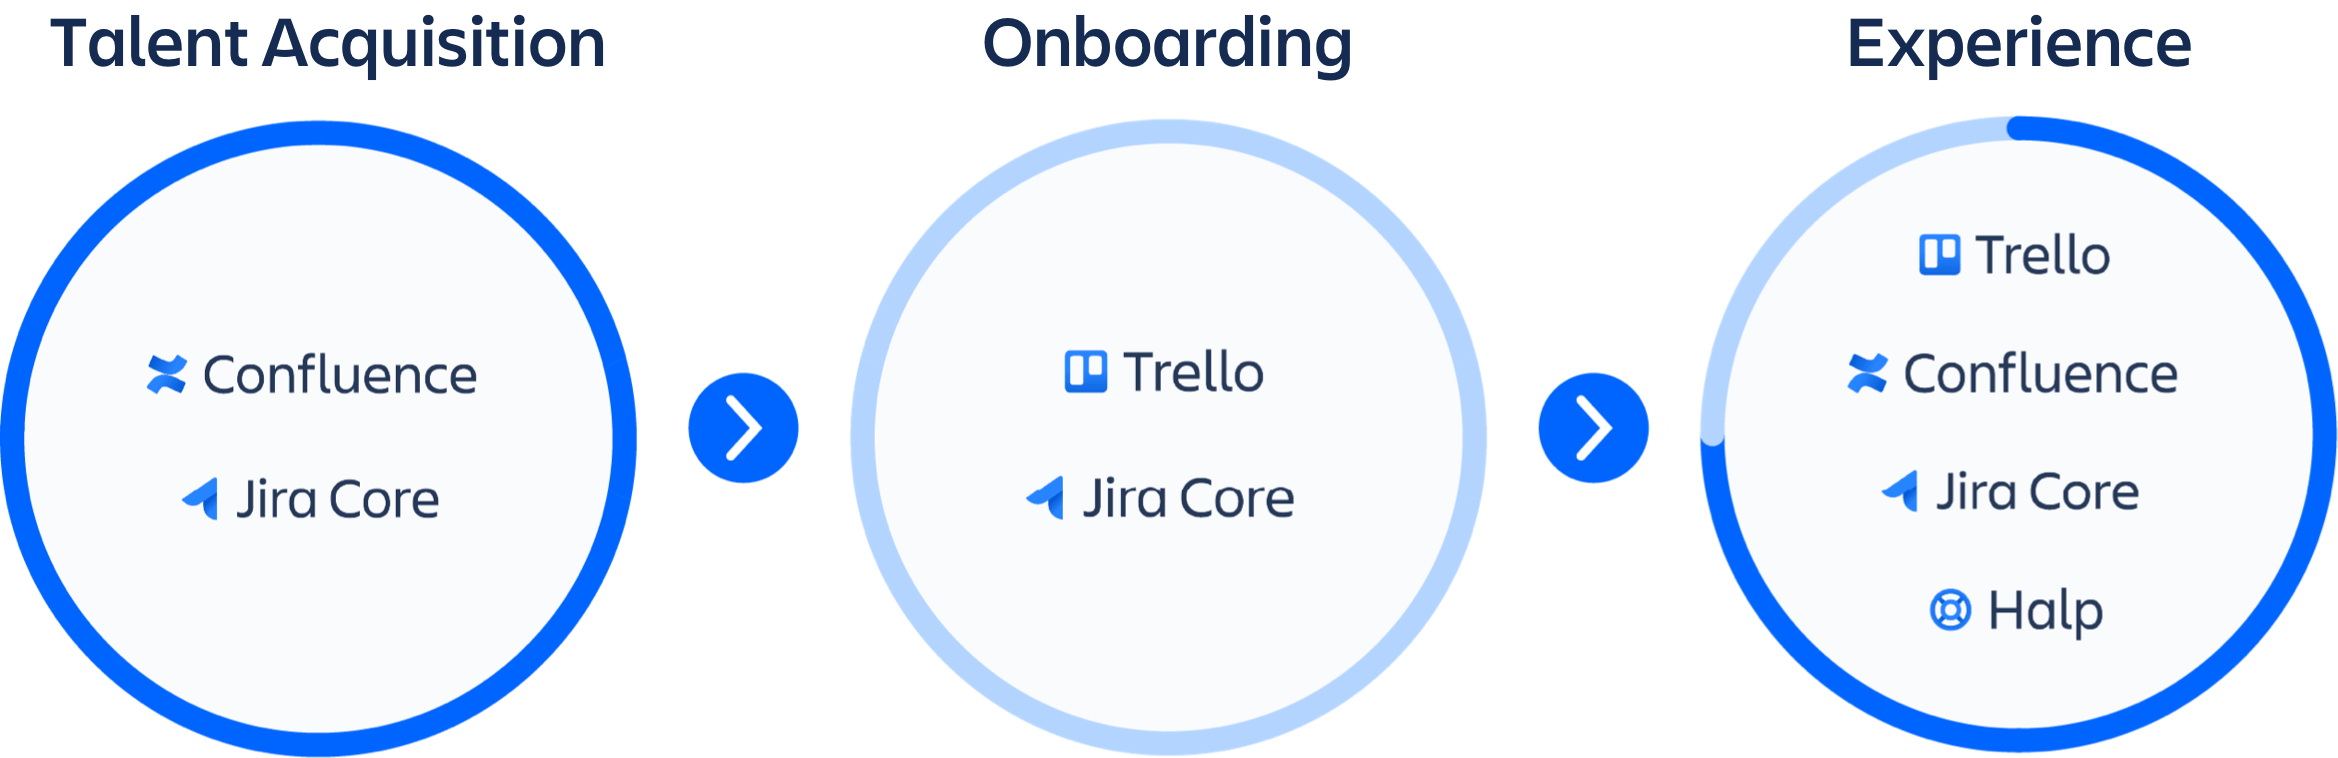 Graphique de produits d'acquisition des talents: Confluence et JiraCore avec des produits d'intégration, Trello et JiraCore